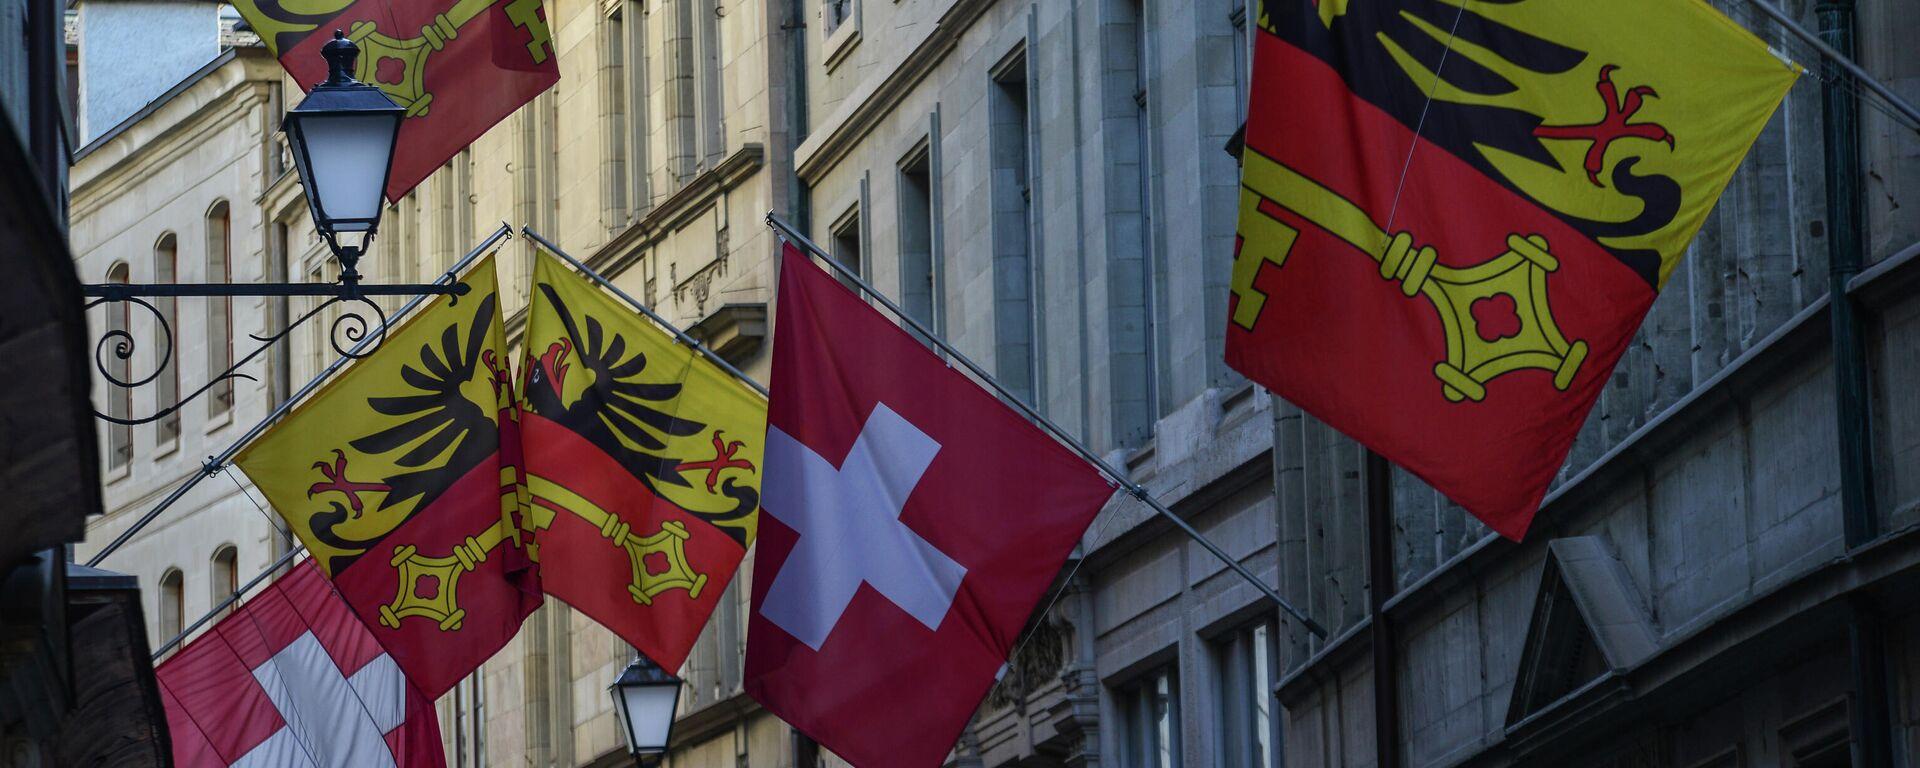 Las banderas de Suiza en una calle de Ginebra - Sputnik Mundo, 1920, 18.05.2021